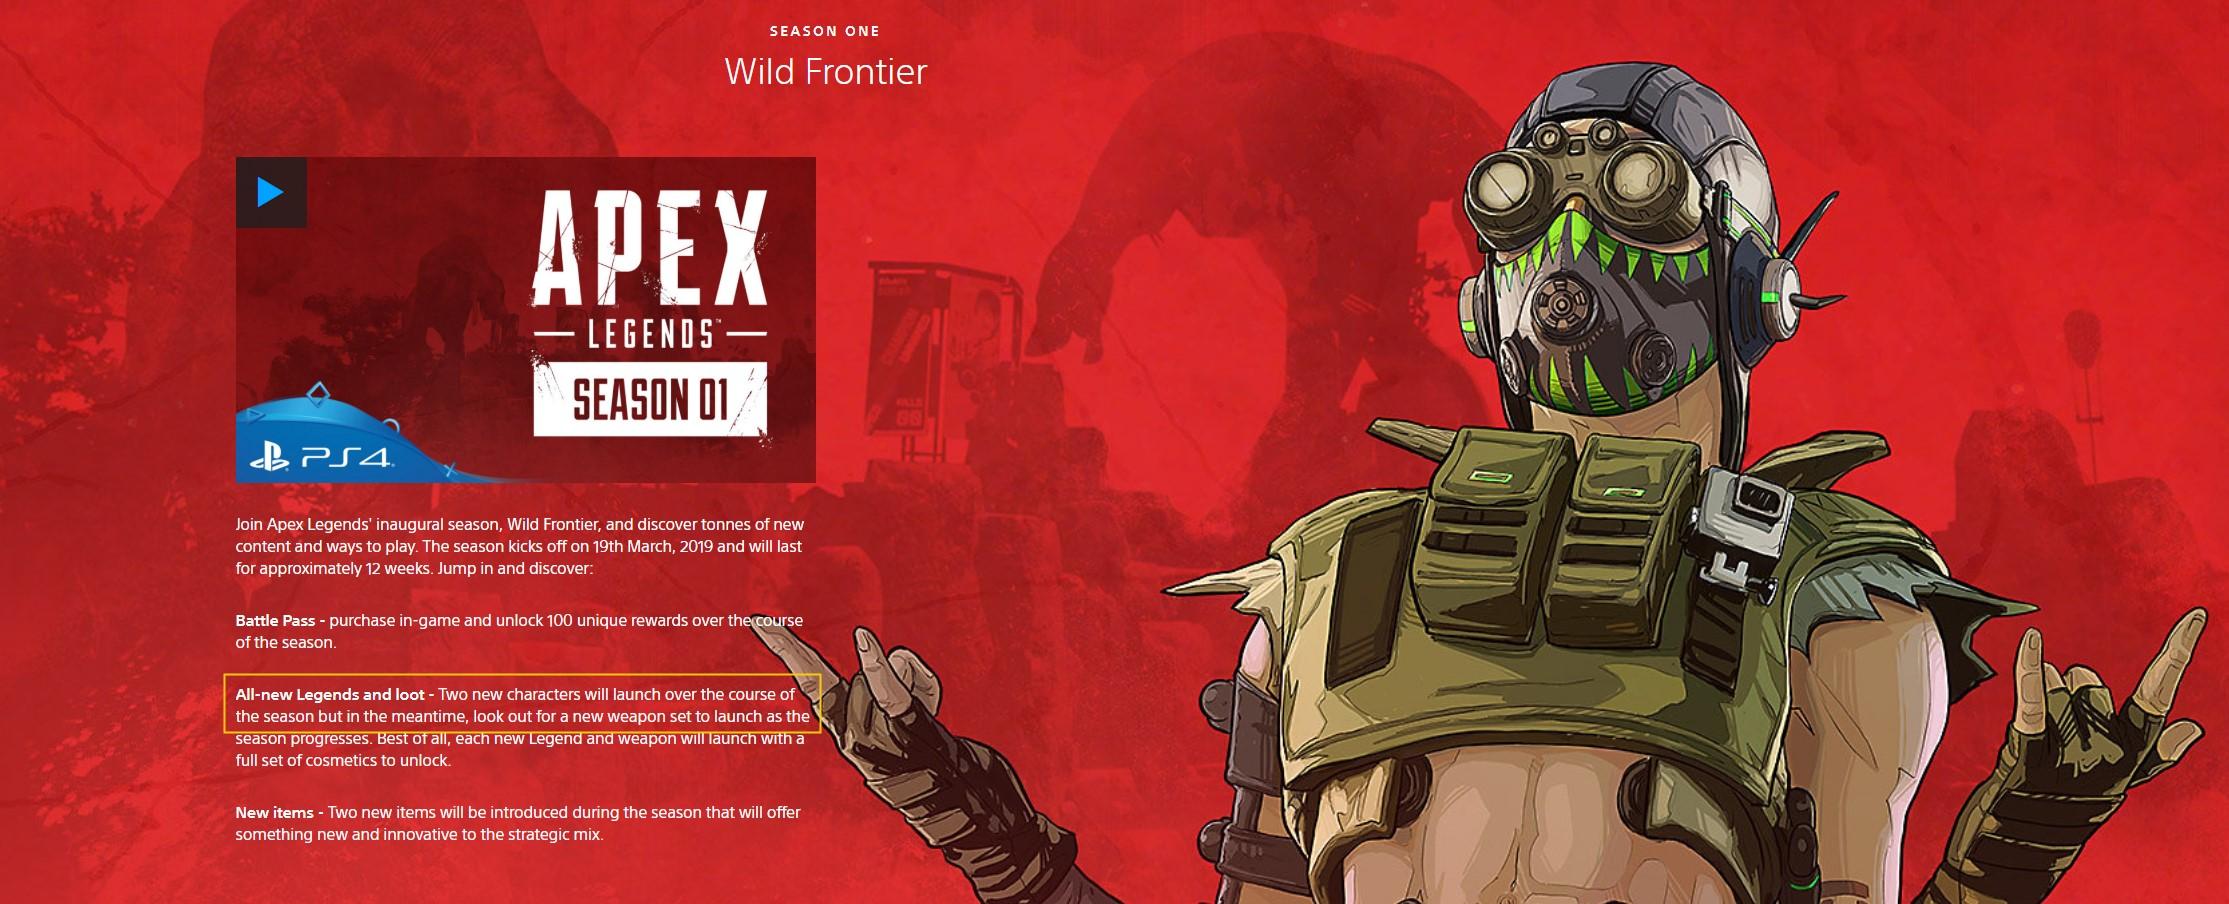 《Apex英雄》新角色被索尼泄露 也将在第一赛季推出